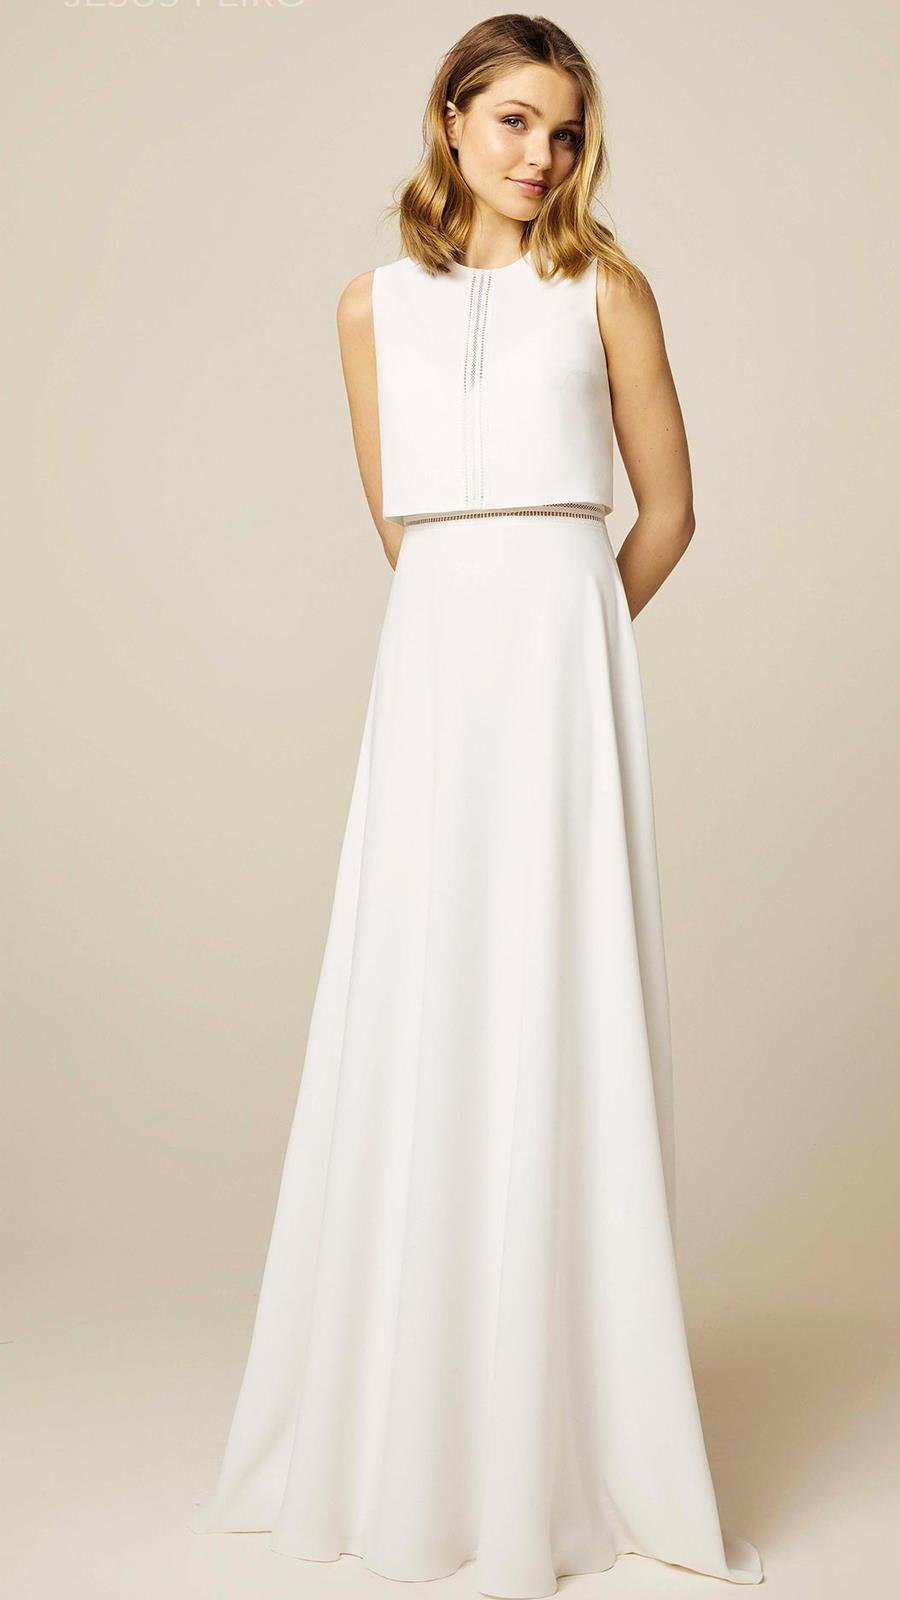 Imagen de vestido novia sencillo